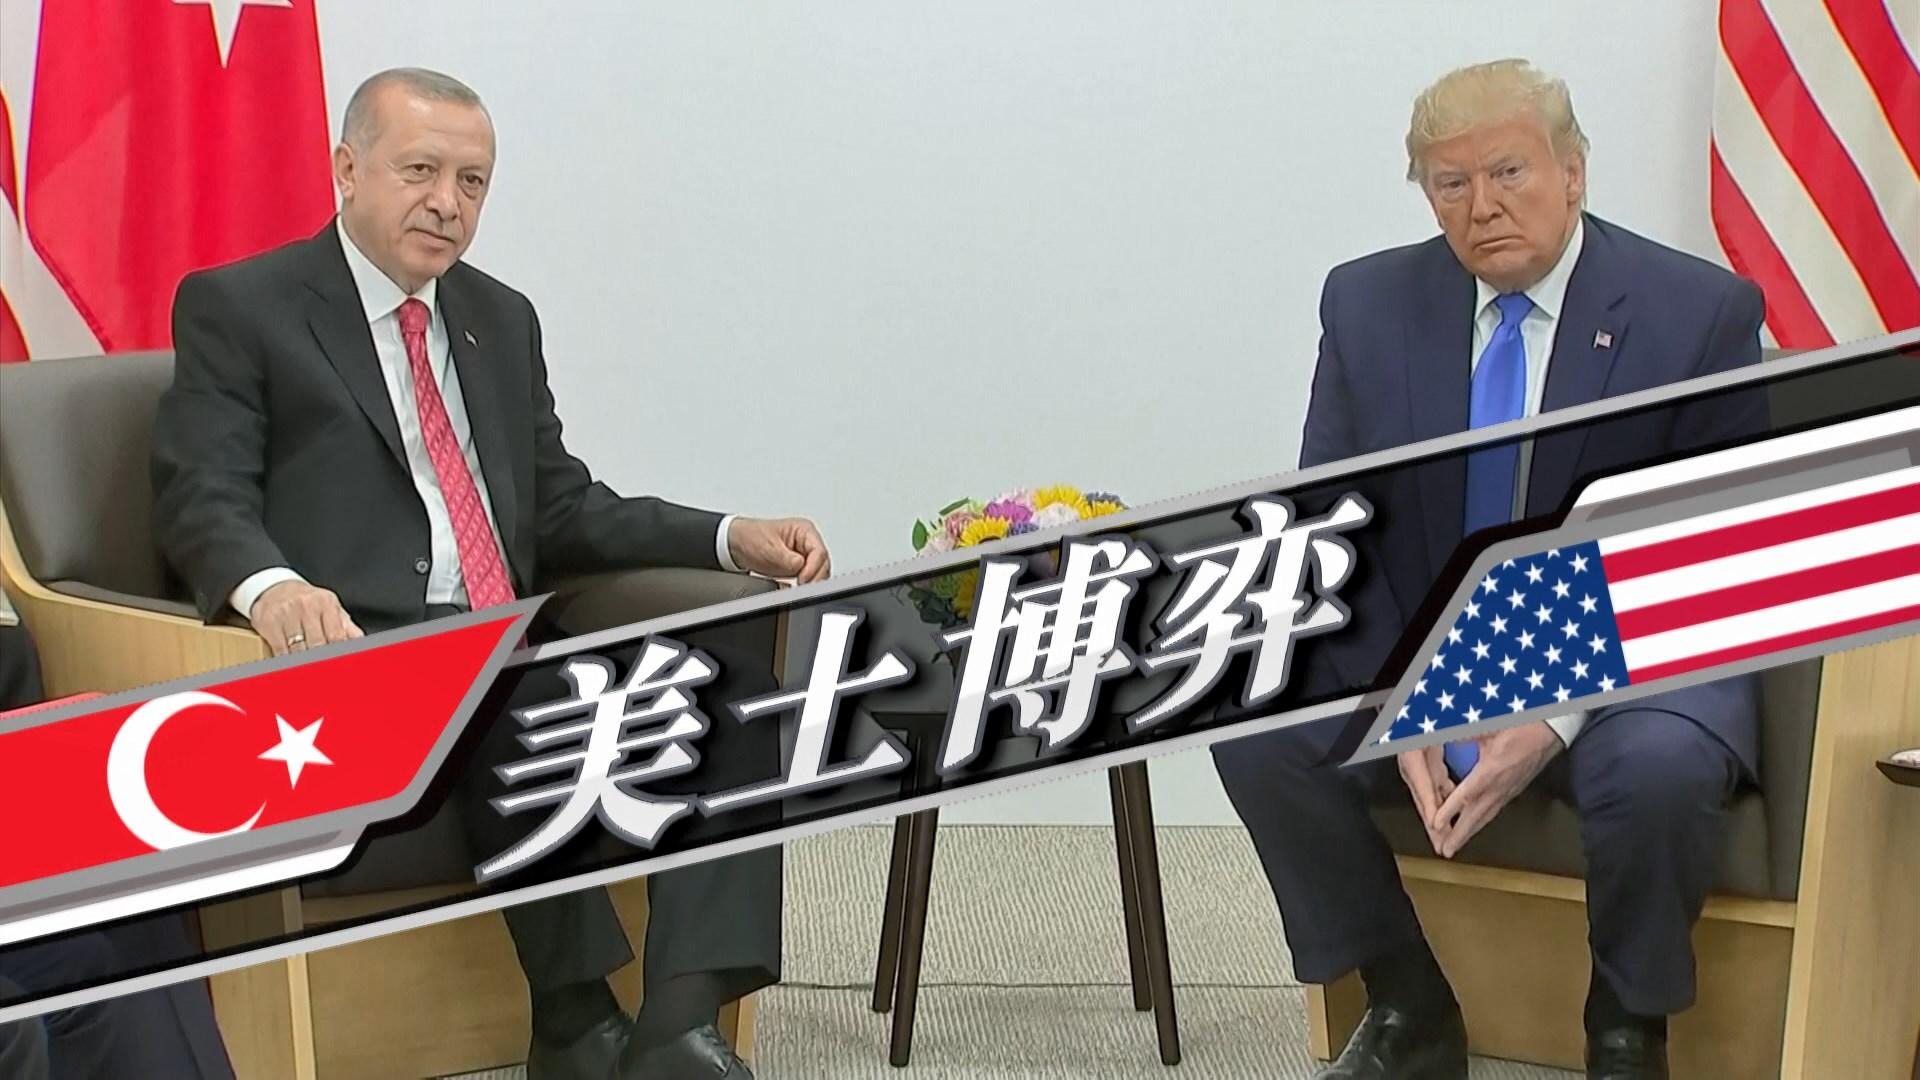 【新聞智庫】美國與土耳其的博弈